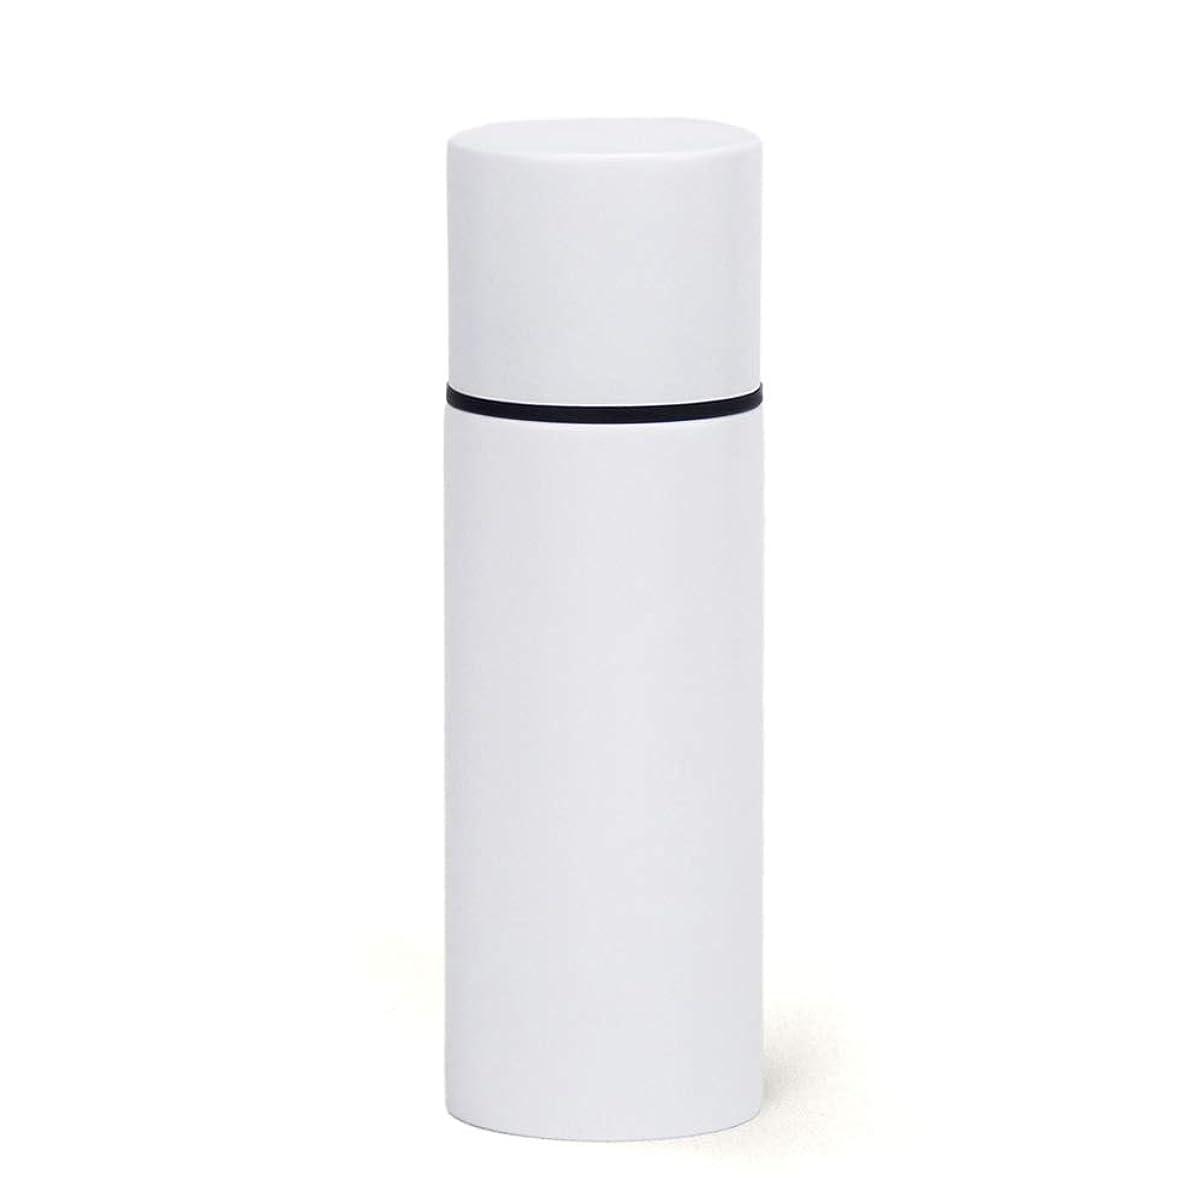 掃除自分の思慮のない前畑(Maebata) ステンレス製マグボトル 真空断熱構造 ホワイト 140ml リップスティックボトル ミニボトル 水筒 52096